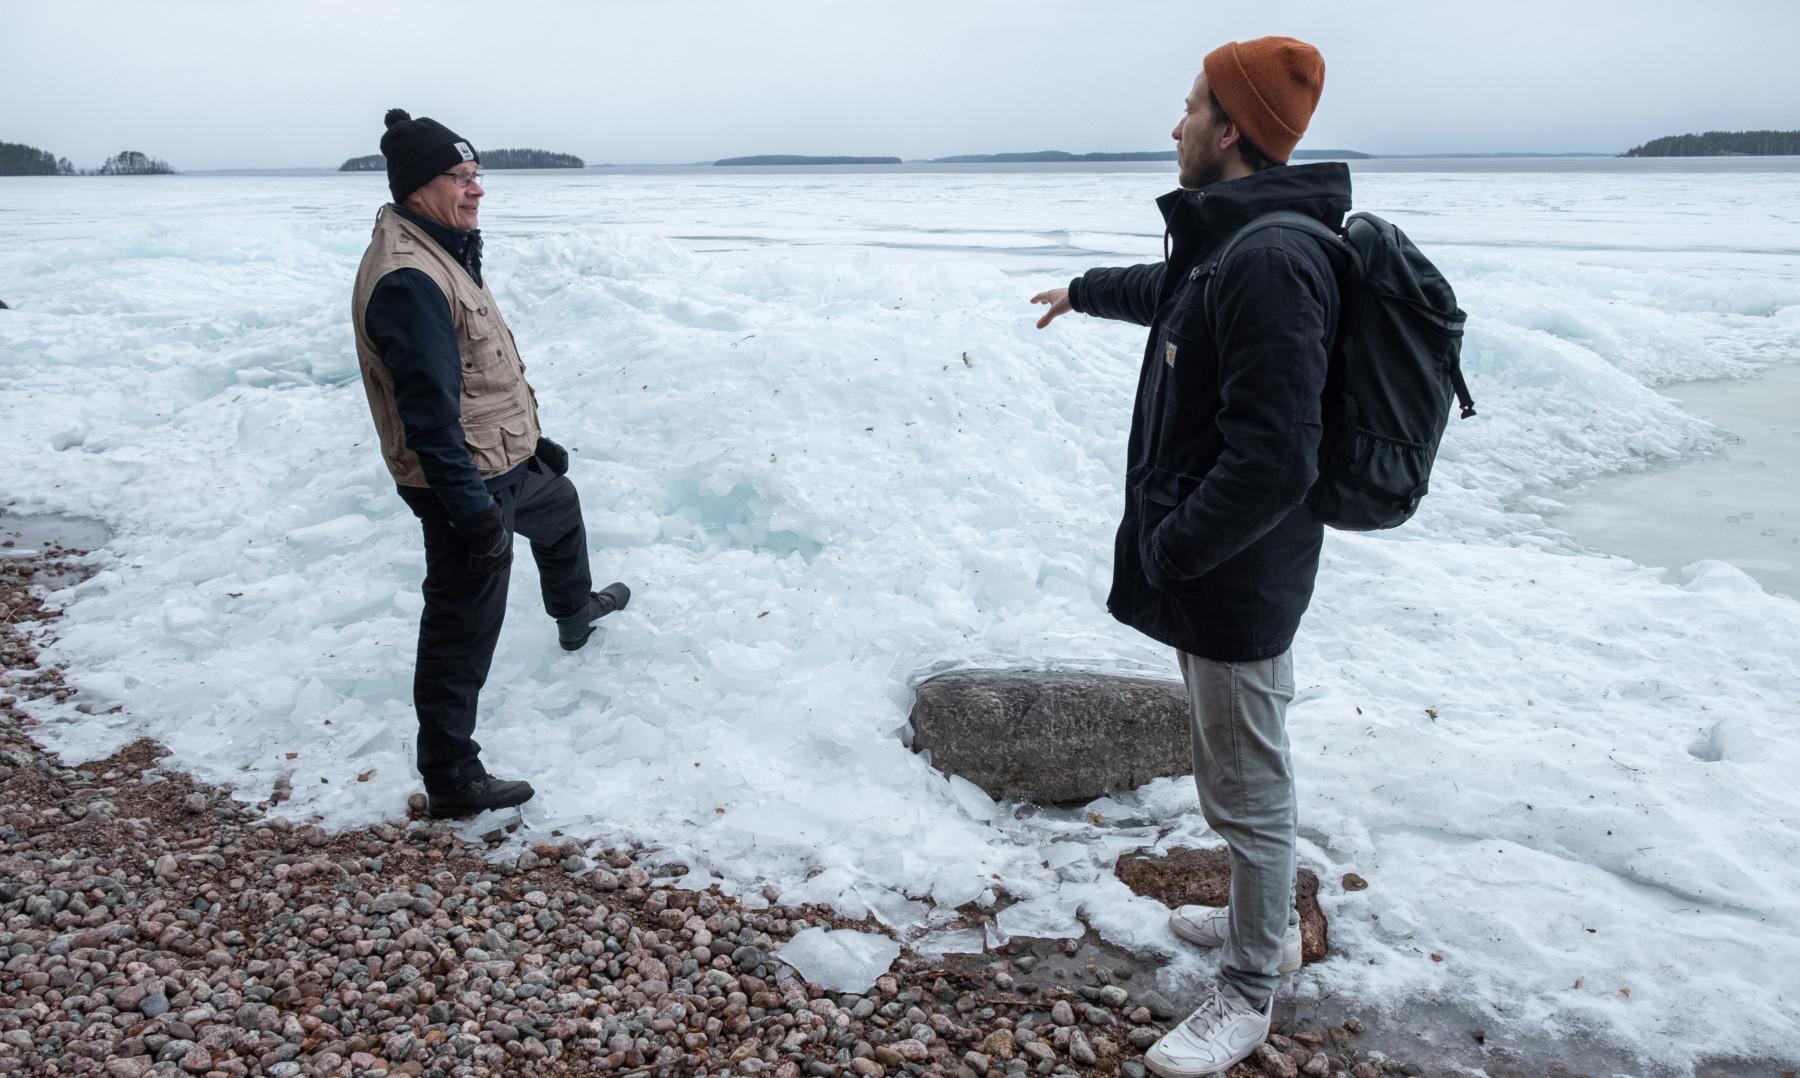 قام جوناس فريتزي (المتواجد على اليمين) من الصندوق العالمي للحياة البرية (WWF) في فنلندا وإيسمو مارتتينن، متطوع، بمسح البحيرة التي تعيش عليها فقمة سايما بالقرب من لابينرانتا في جنوب شرق فنلندا. كسرت الرياح طبقة الثلج الرقيقة التي تتكون عادةً ودفعتها إلى تلال خشنة بالقرب من شاطئ الخليج.